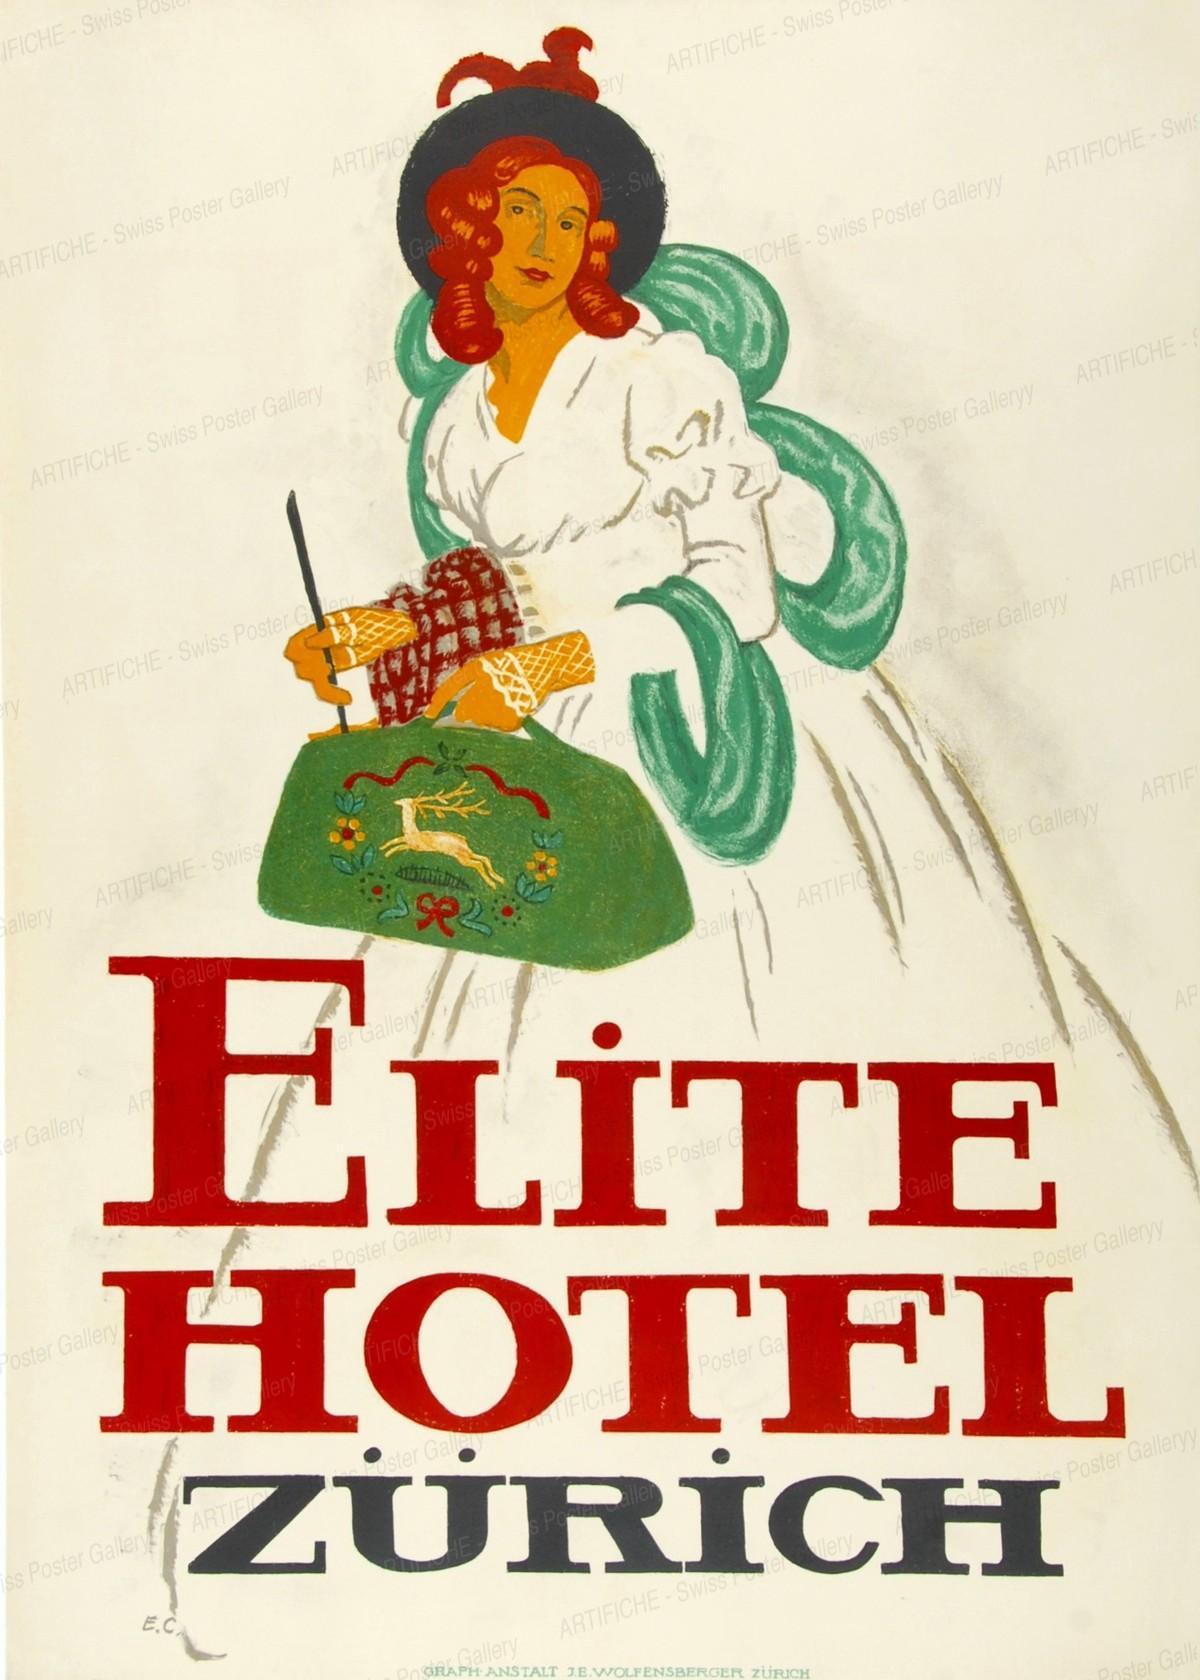 ELITE HOTEL ZURICH, Emil Cardinaux